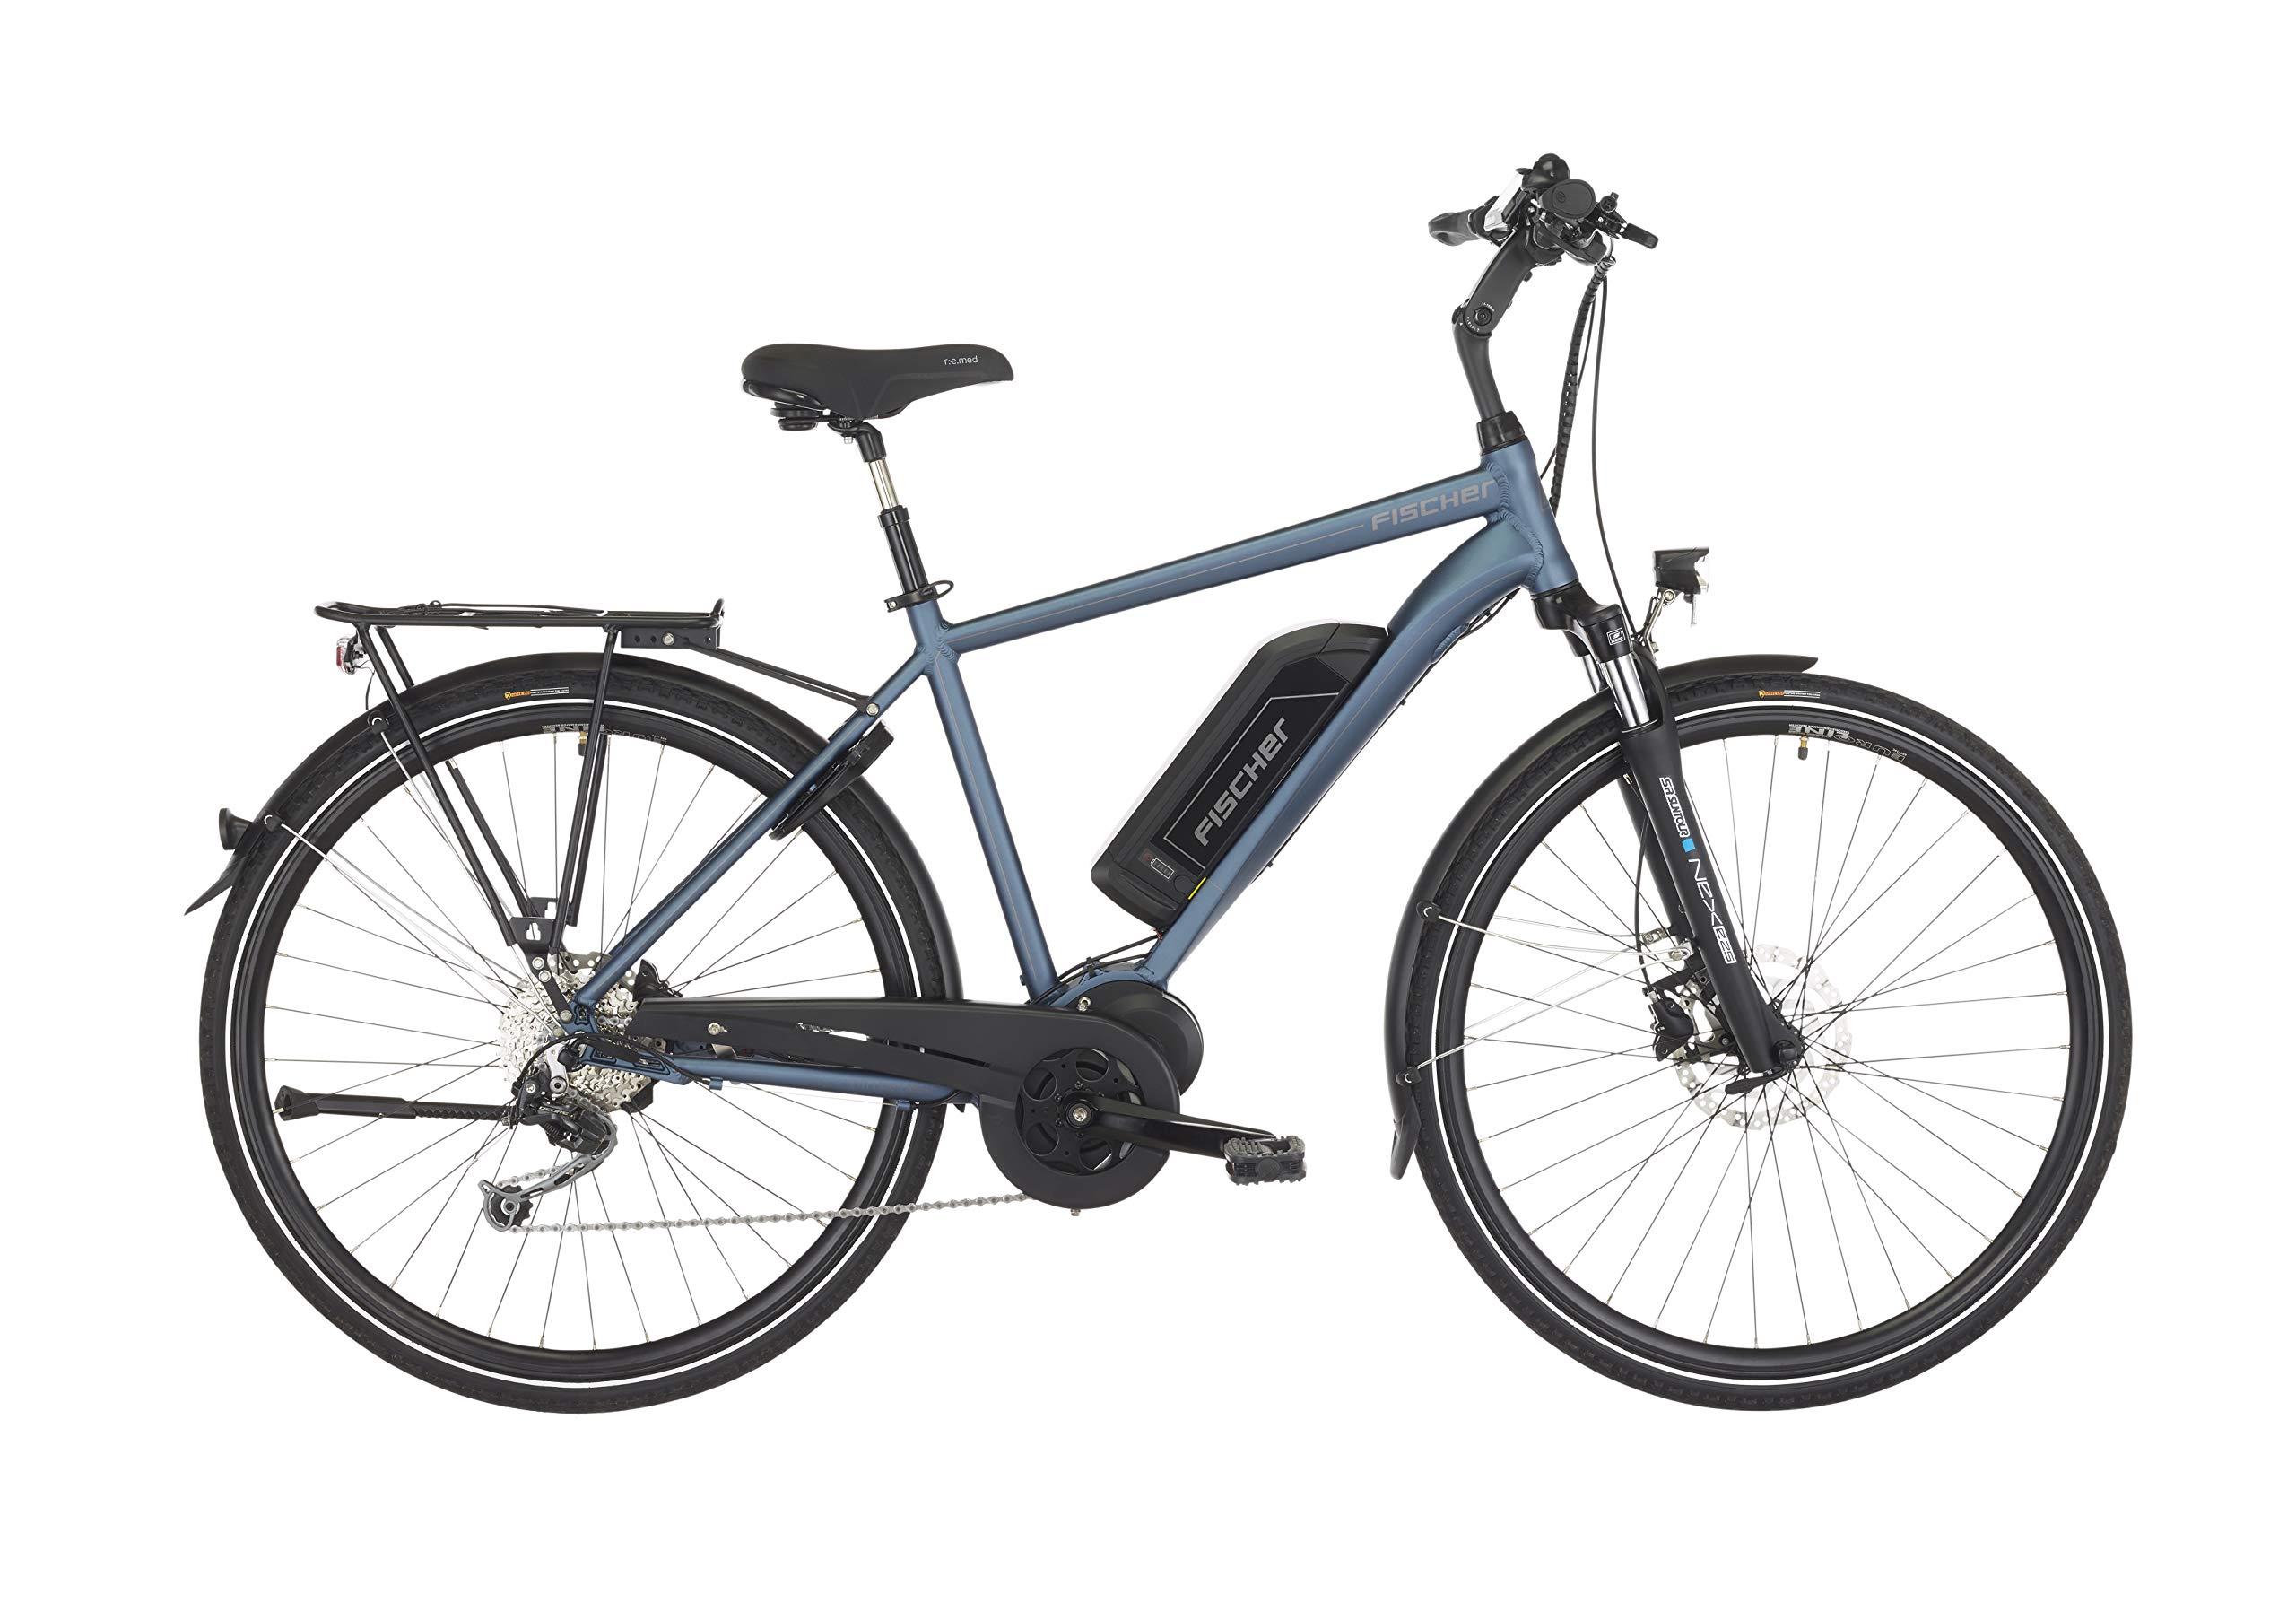 Fischer ETH 1820 (2019) 28 Zoll Herren Trekking E-Bike, RH 50 cm, Mittelmotor, saphirblau